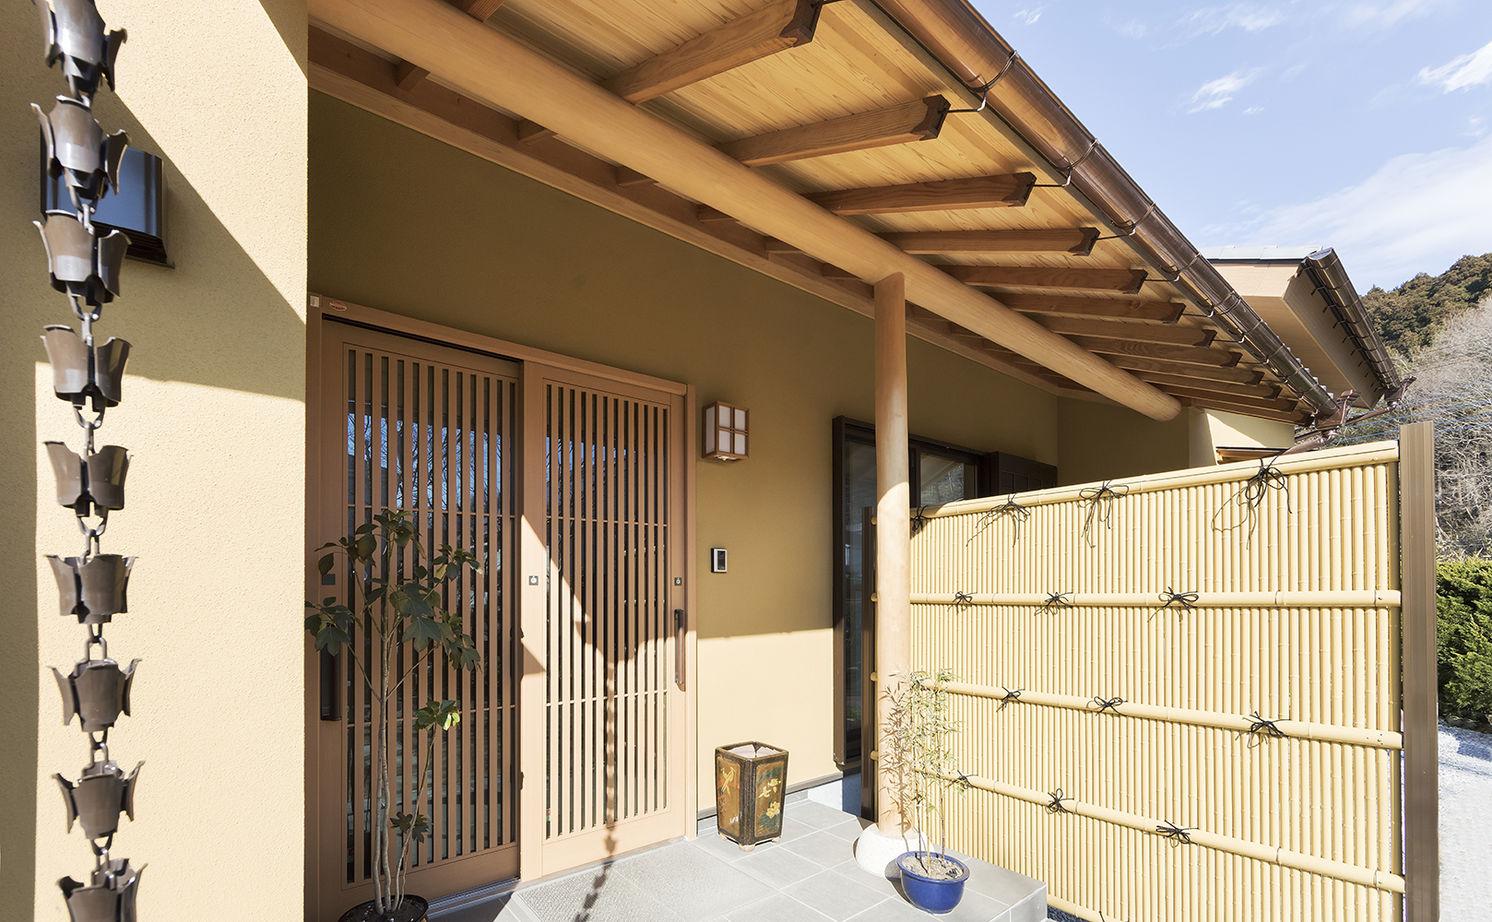 【純和風】【平屋】【二世帯住宅】檜が香る美しい純和風建築のフル装備住宅画像2